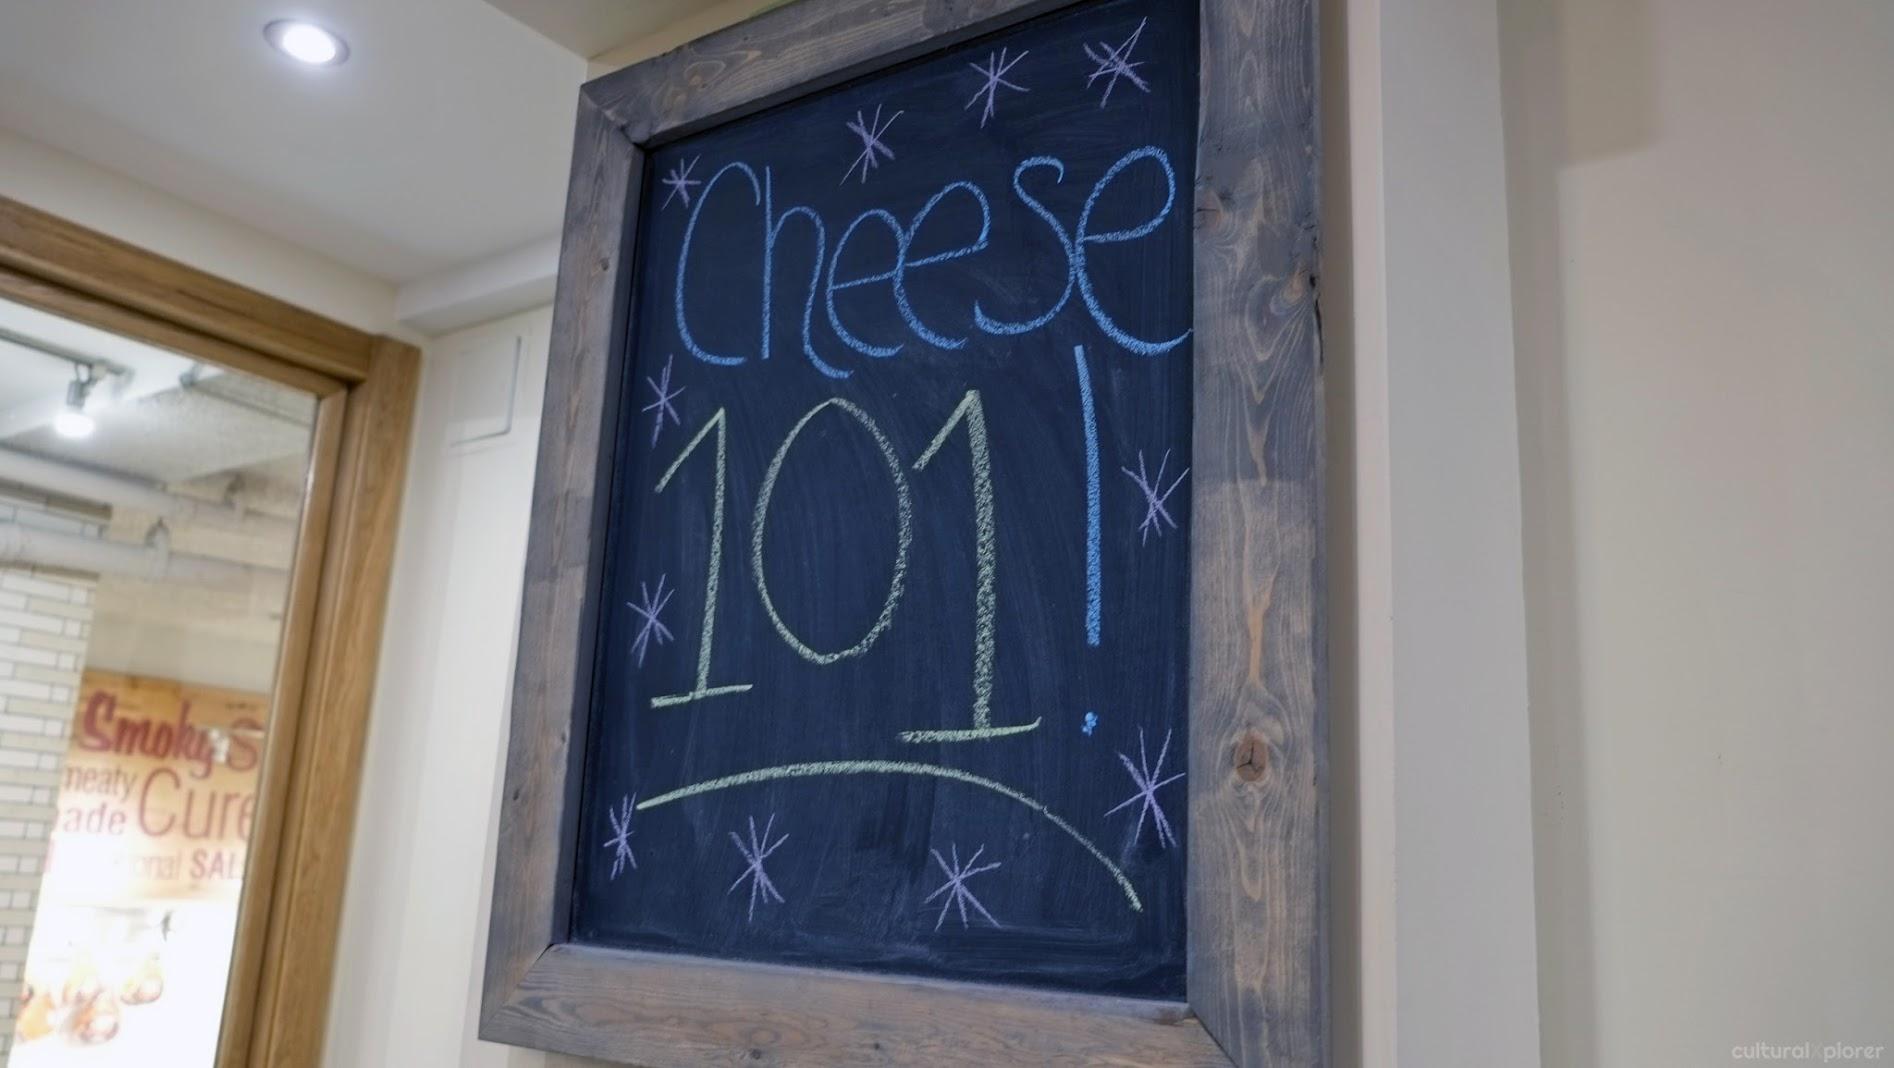 Cheese 101 Murray's